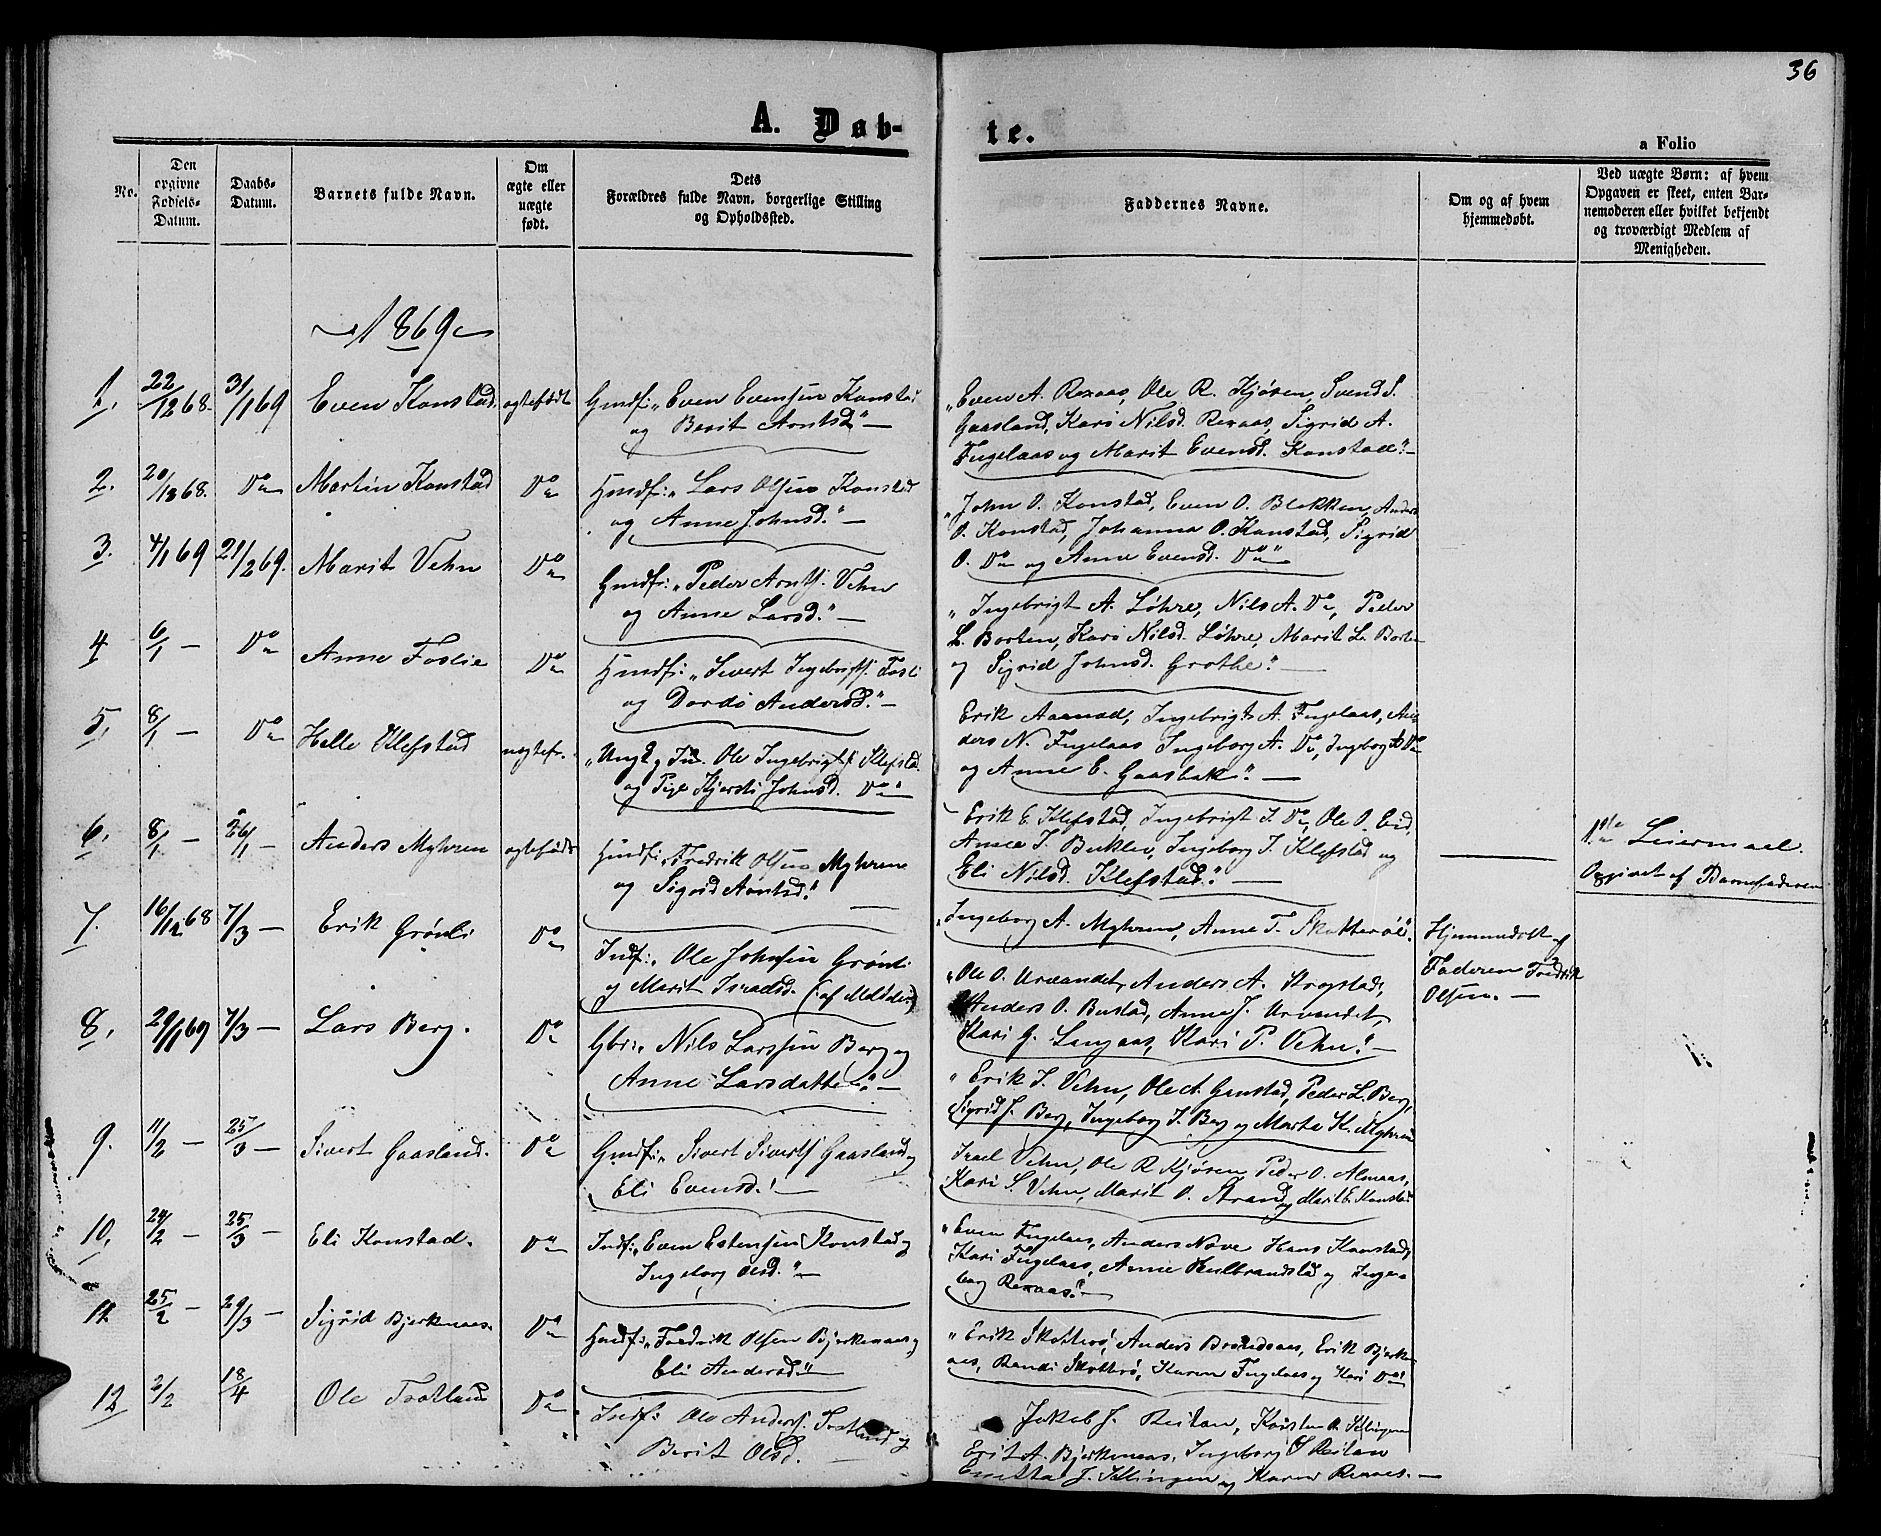 SAT, Ministerialprotokoller, klokkerbøker og fødselsregistre - Sør-Trøndelag, 694/L1131: Klokkerbok nr. 694C03, 1858-1886, s. 36